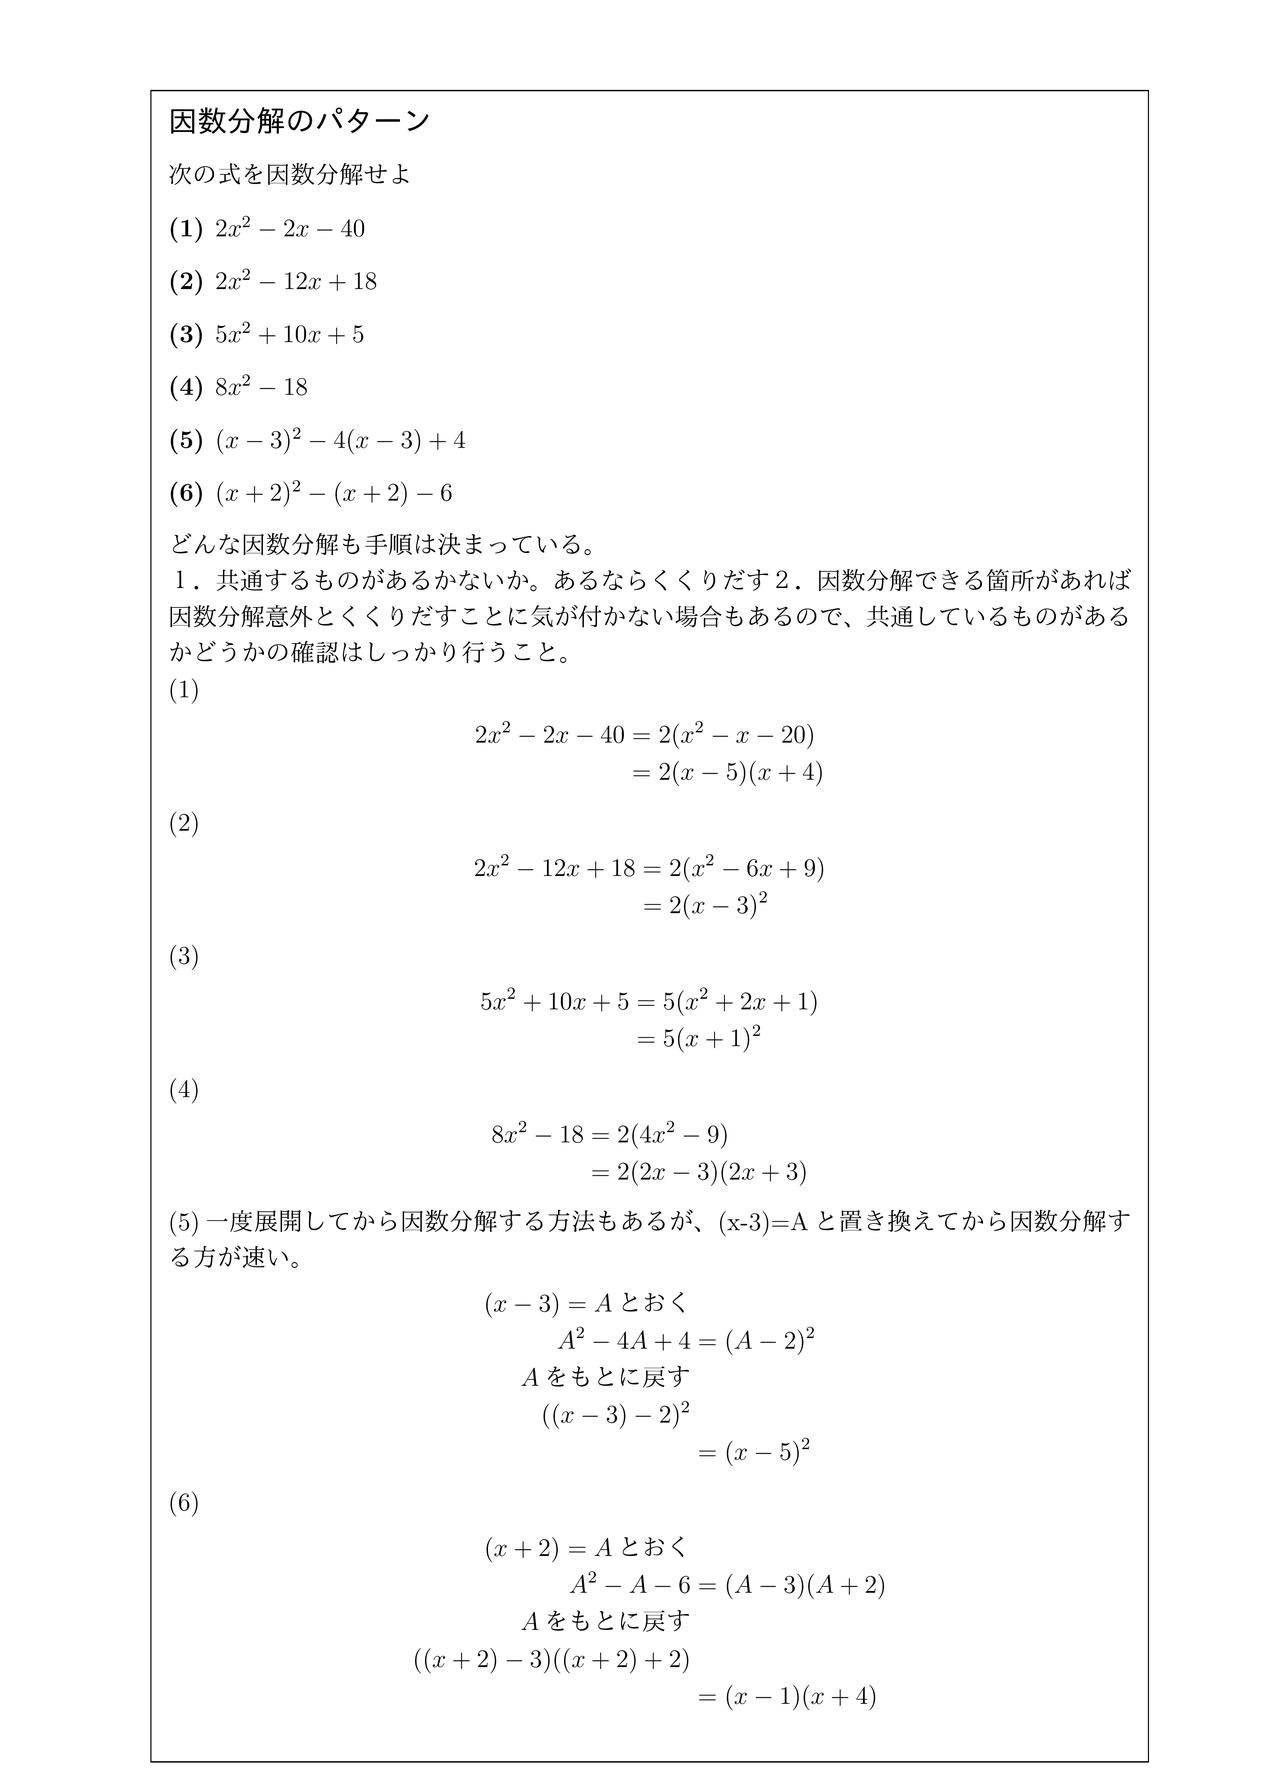 因数分解のパターン